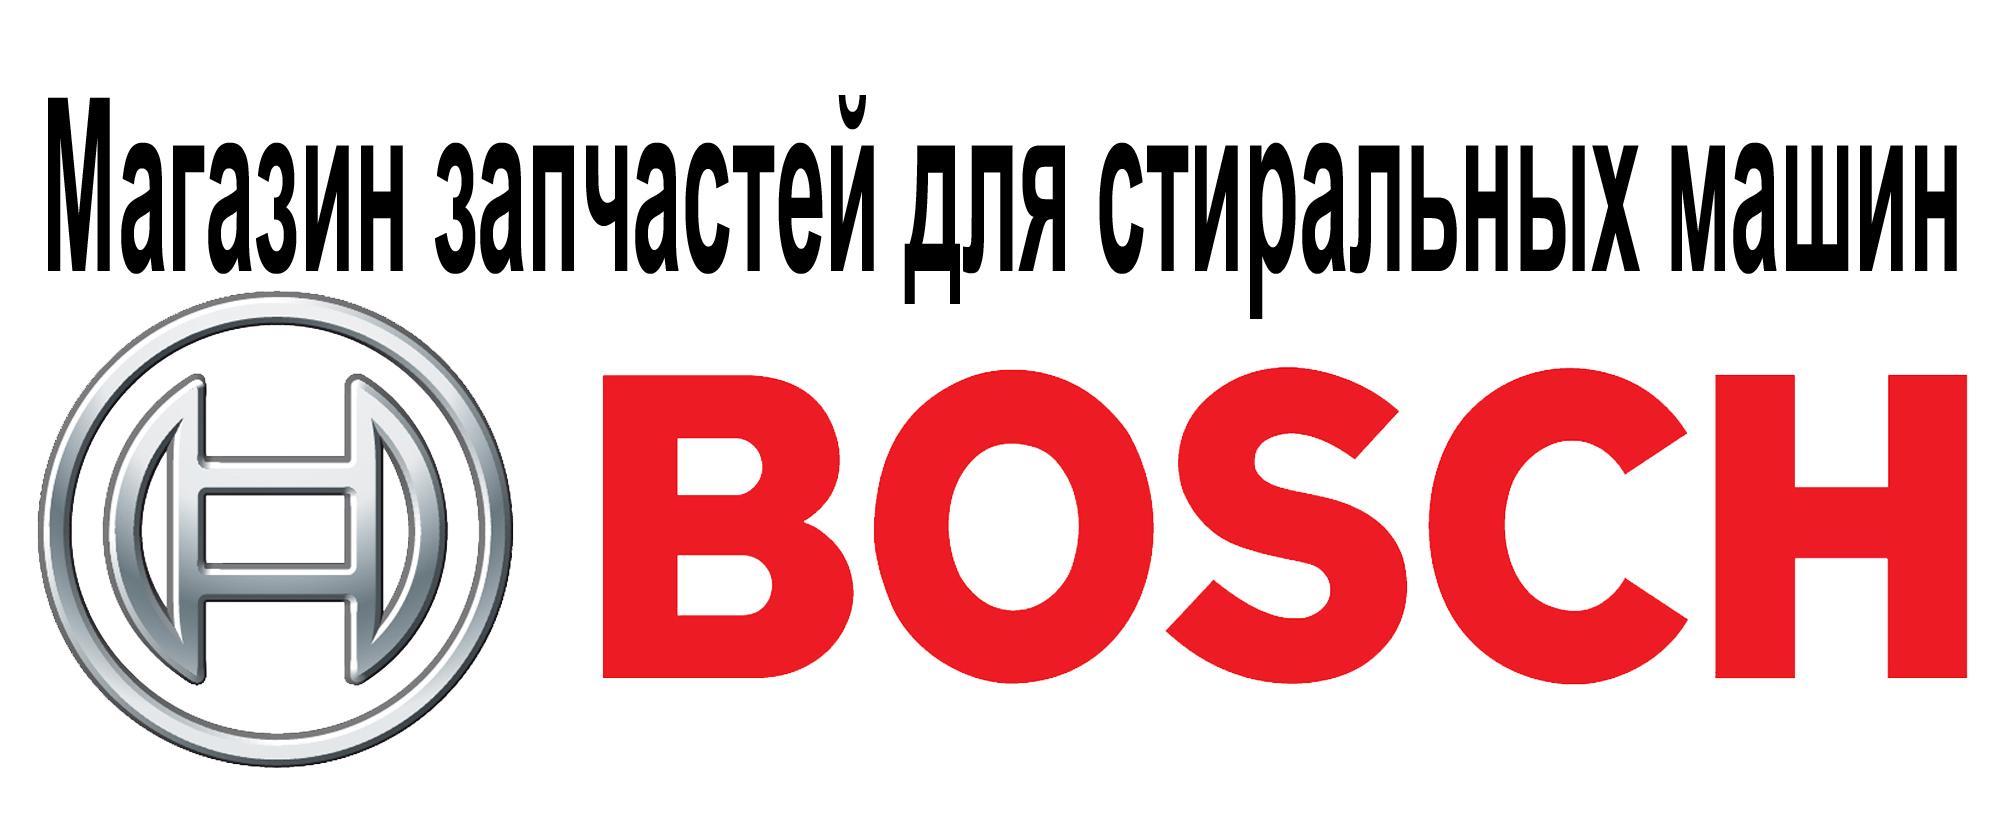 zapchastibosh.ru